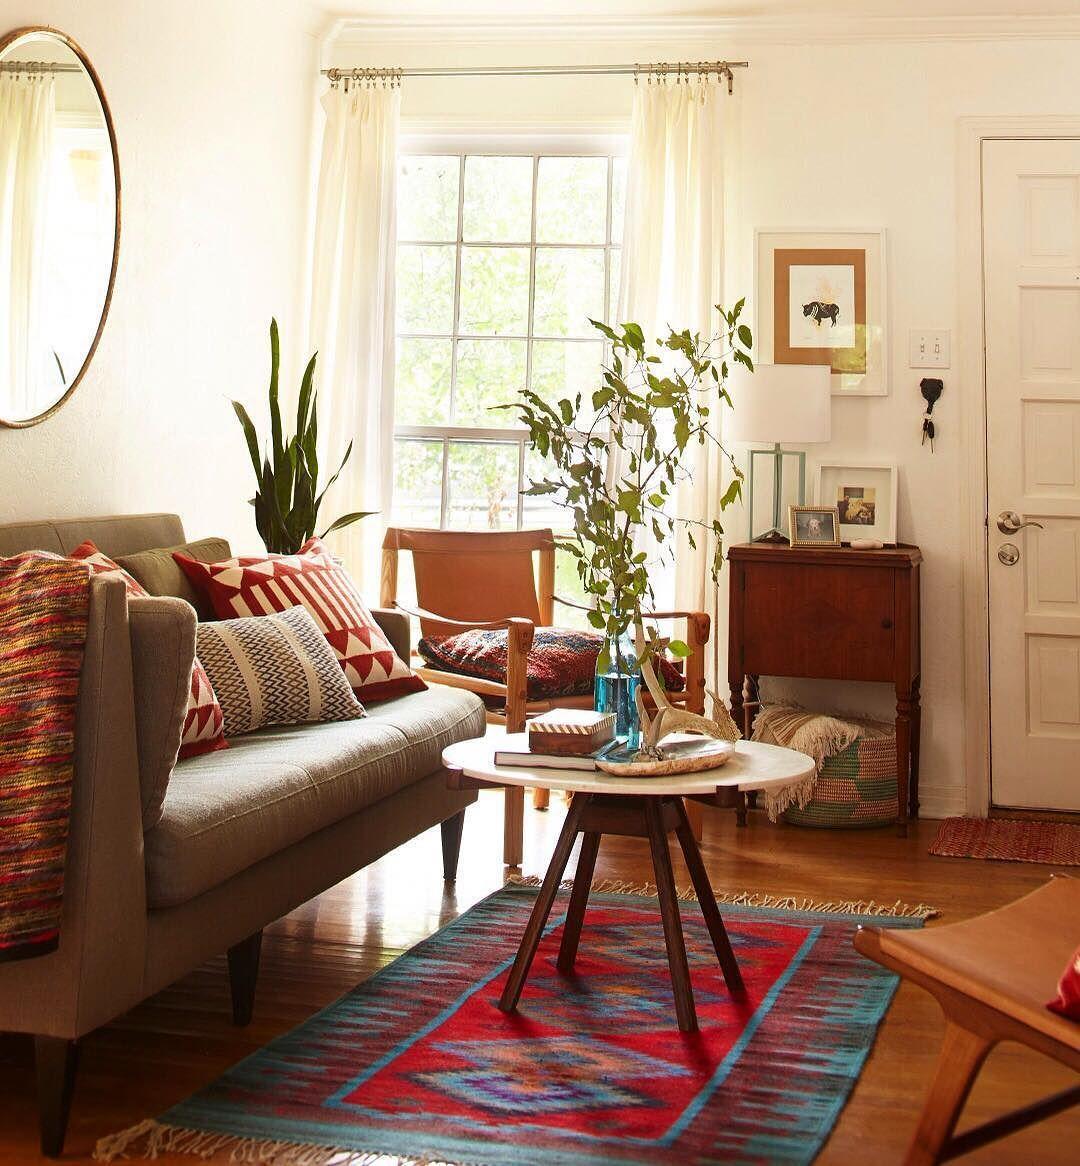 boho chic living room + #wisteriastyle@melcrispytarv 😍   shop